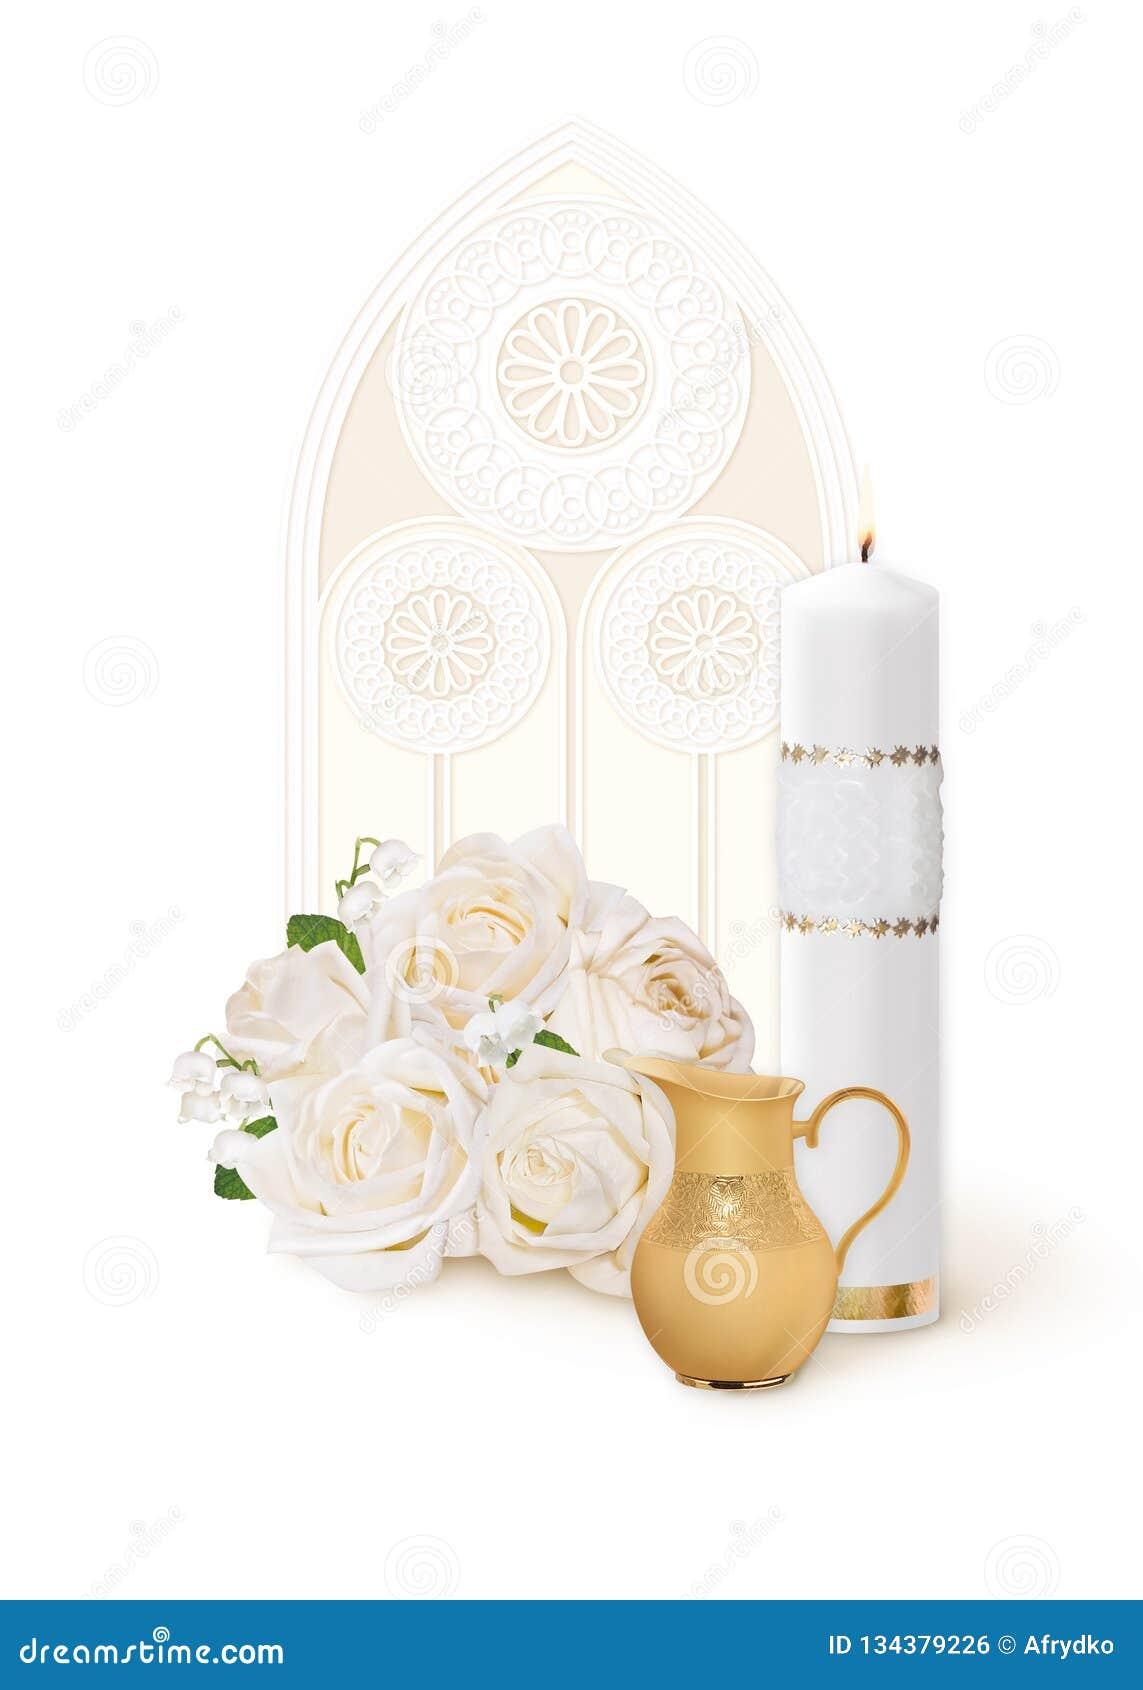 圣洁洗礼、卡片与一个白色蜡烛,花和一个水罐在一个窗口的背景与一块彩色玻璃